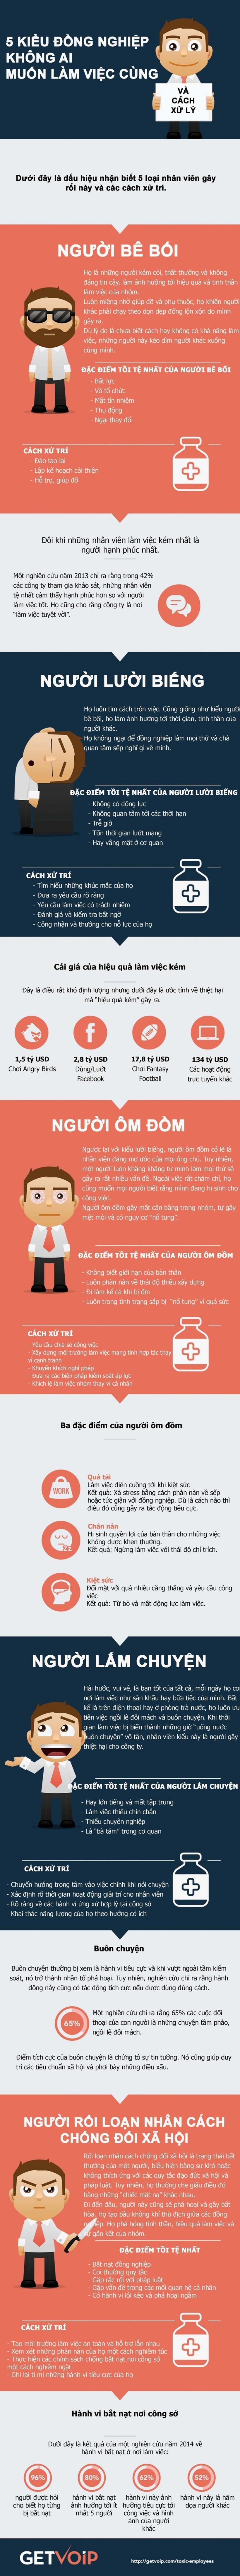 infographic-nhng-mu-ng-nghip-bn-nn-trnh-xa-1433480135l8cp4-820x8797